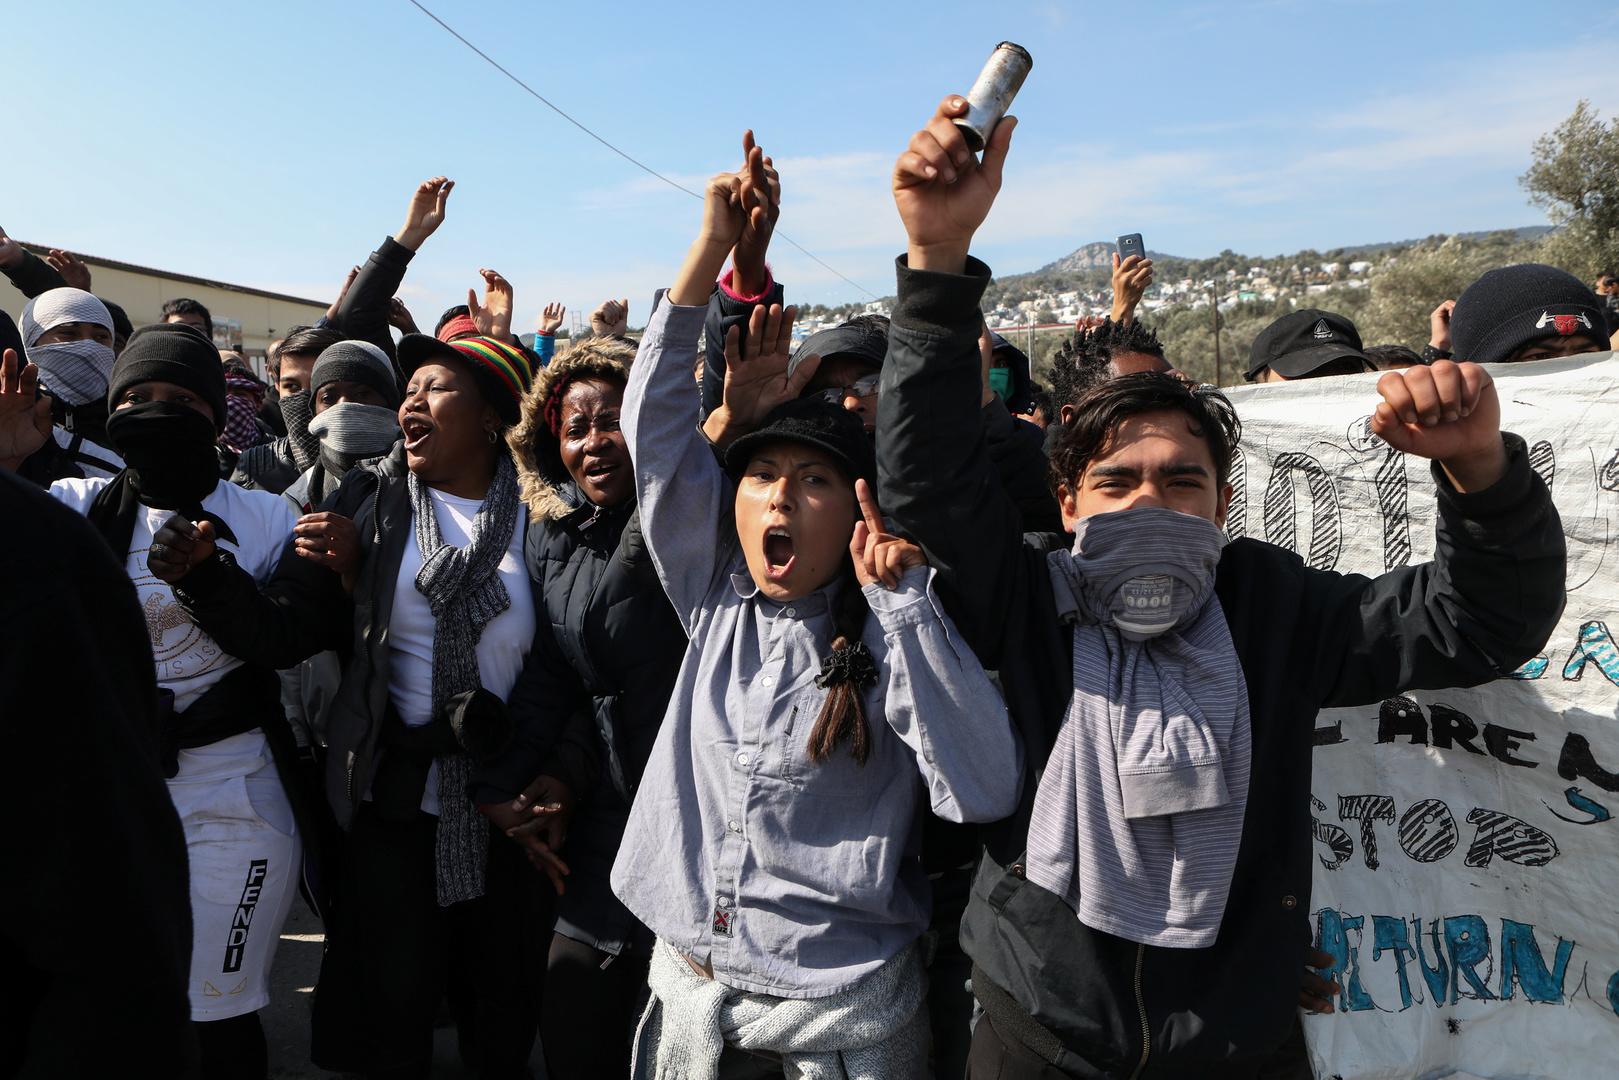 Migranten riefen während einer Demonstration nach Zusammenstößen mit der Bereitschaftspolizei in der Nähe des Flüchtlings- und Migrantenlagers Moria auf der Insel Lesbos in Griechenland Parolen. 2. März 2020.